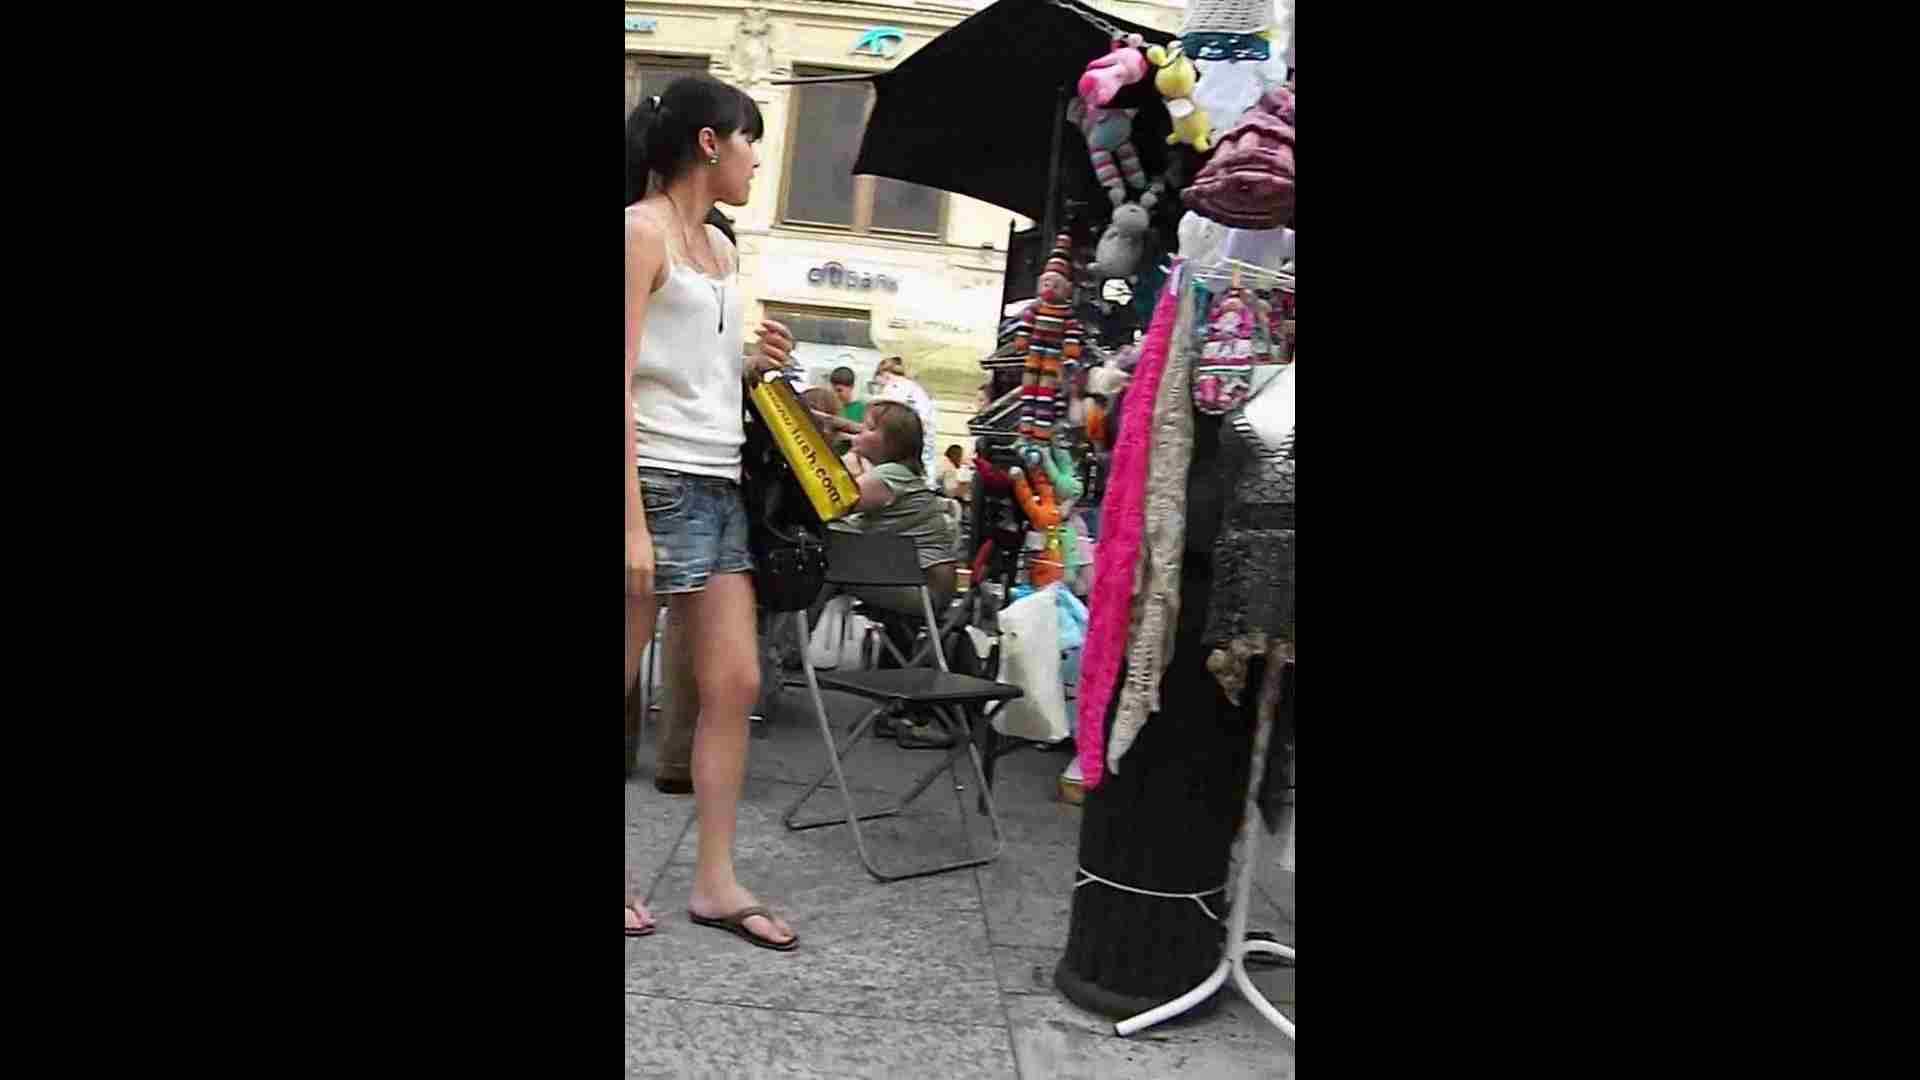 綺麗なモデルさんのスカート捲っちゃおう‼vol05 超エロモデル | 超エロお姉さん  98枚 25